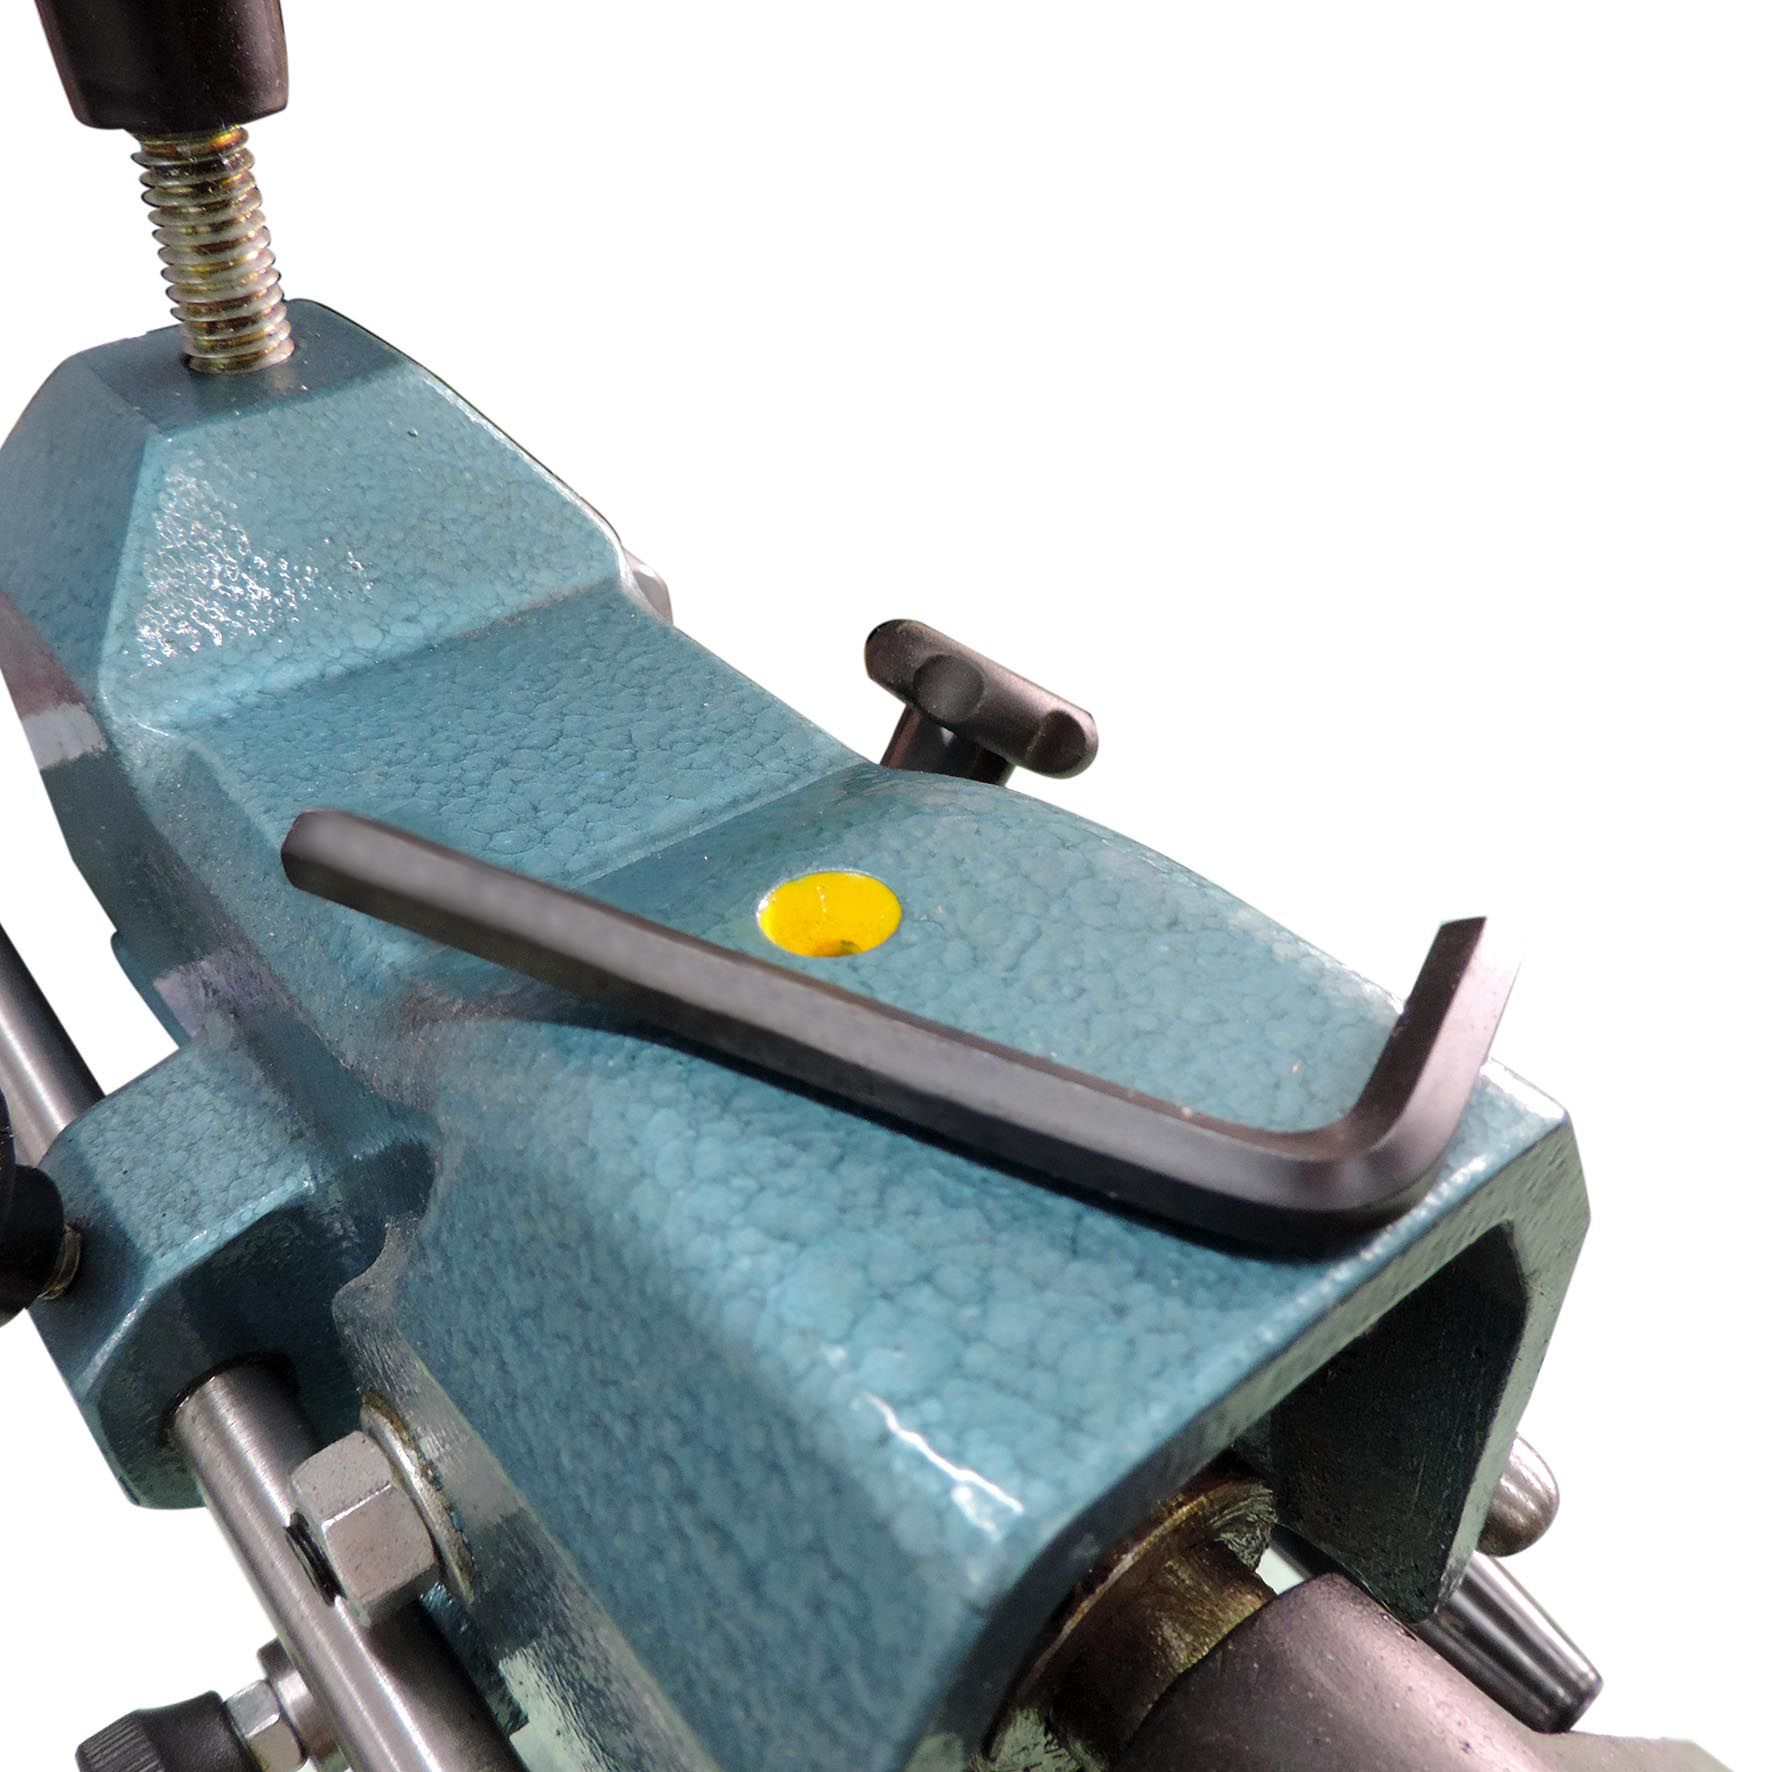 Frisadeira Manual Vp2 - SEM BANCADA - Vega